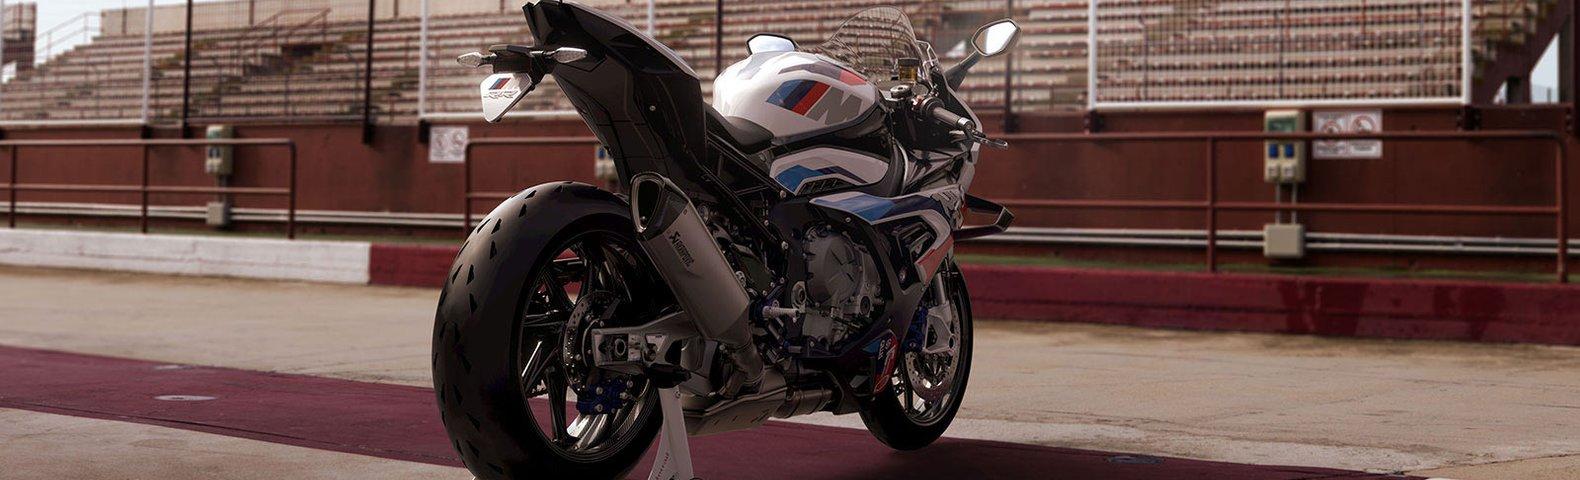 Úplne nová BMW M 1000 RR